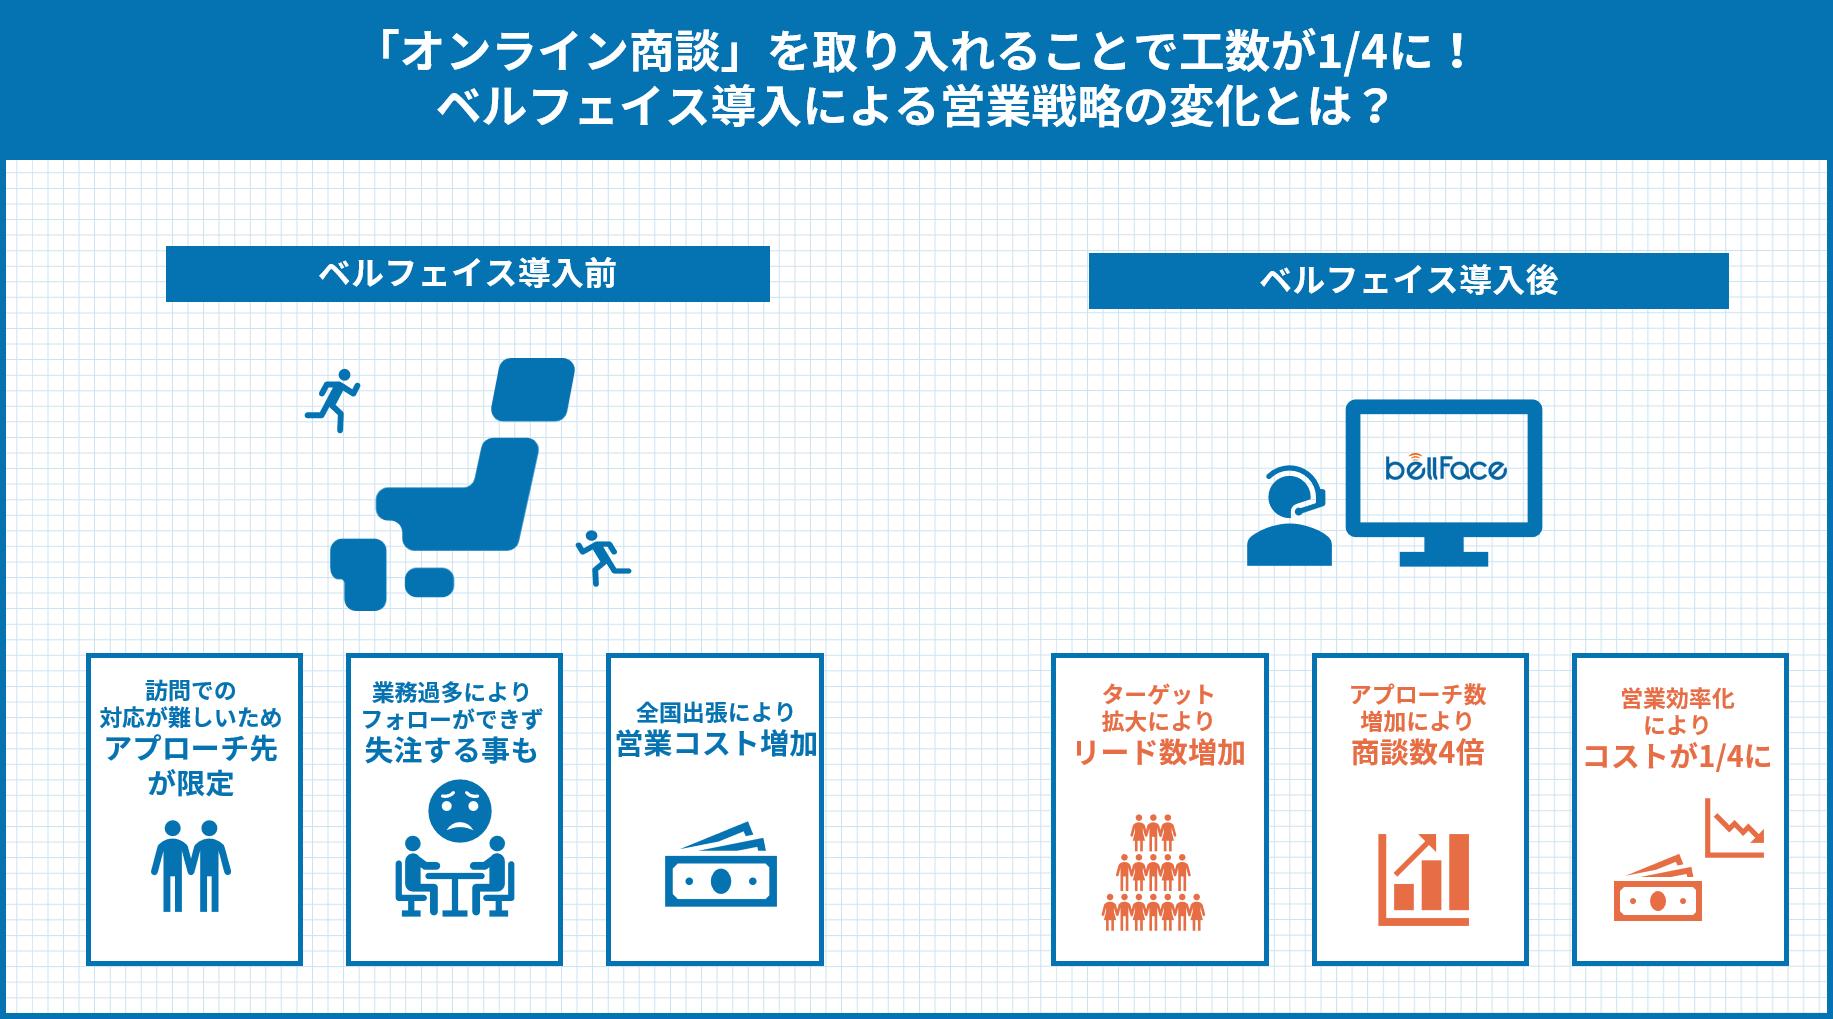 「オンライン商談」を取り入れることで工数が1/4に!ベルフェイス導入による営業戦略の変化とは?